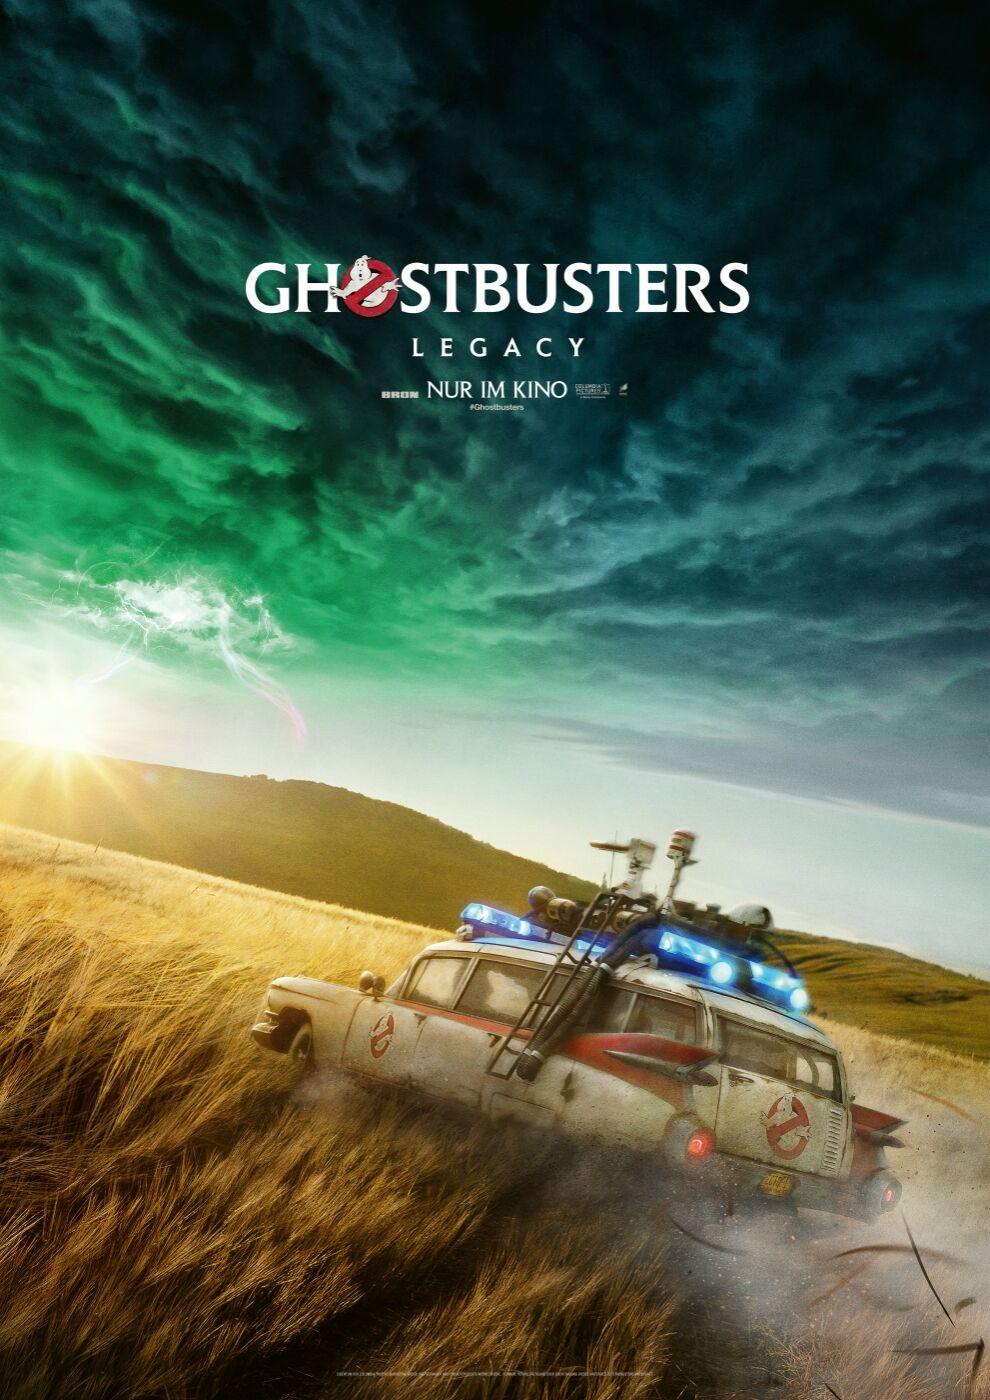 Auf dem Plakat von Ghostbusters: Legacy ist der Ecto 1 zu sehen, wie ihr über ein Feld fährt